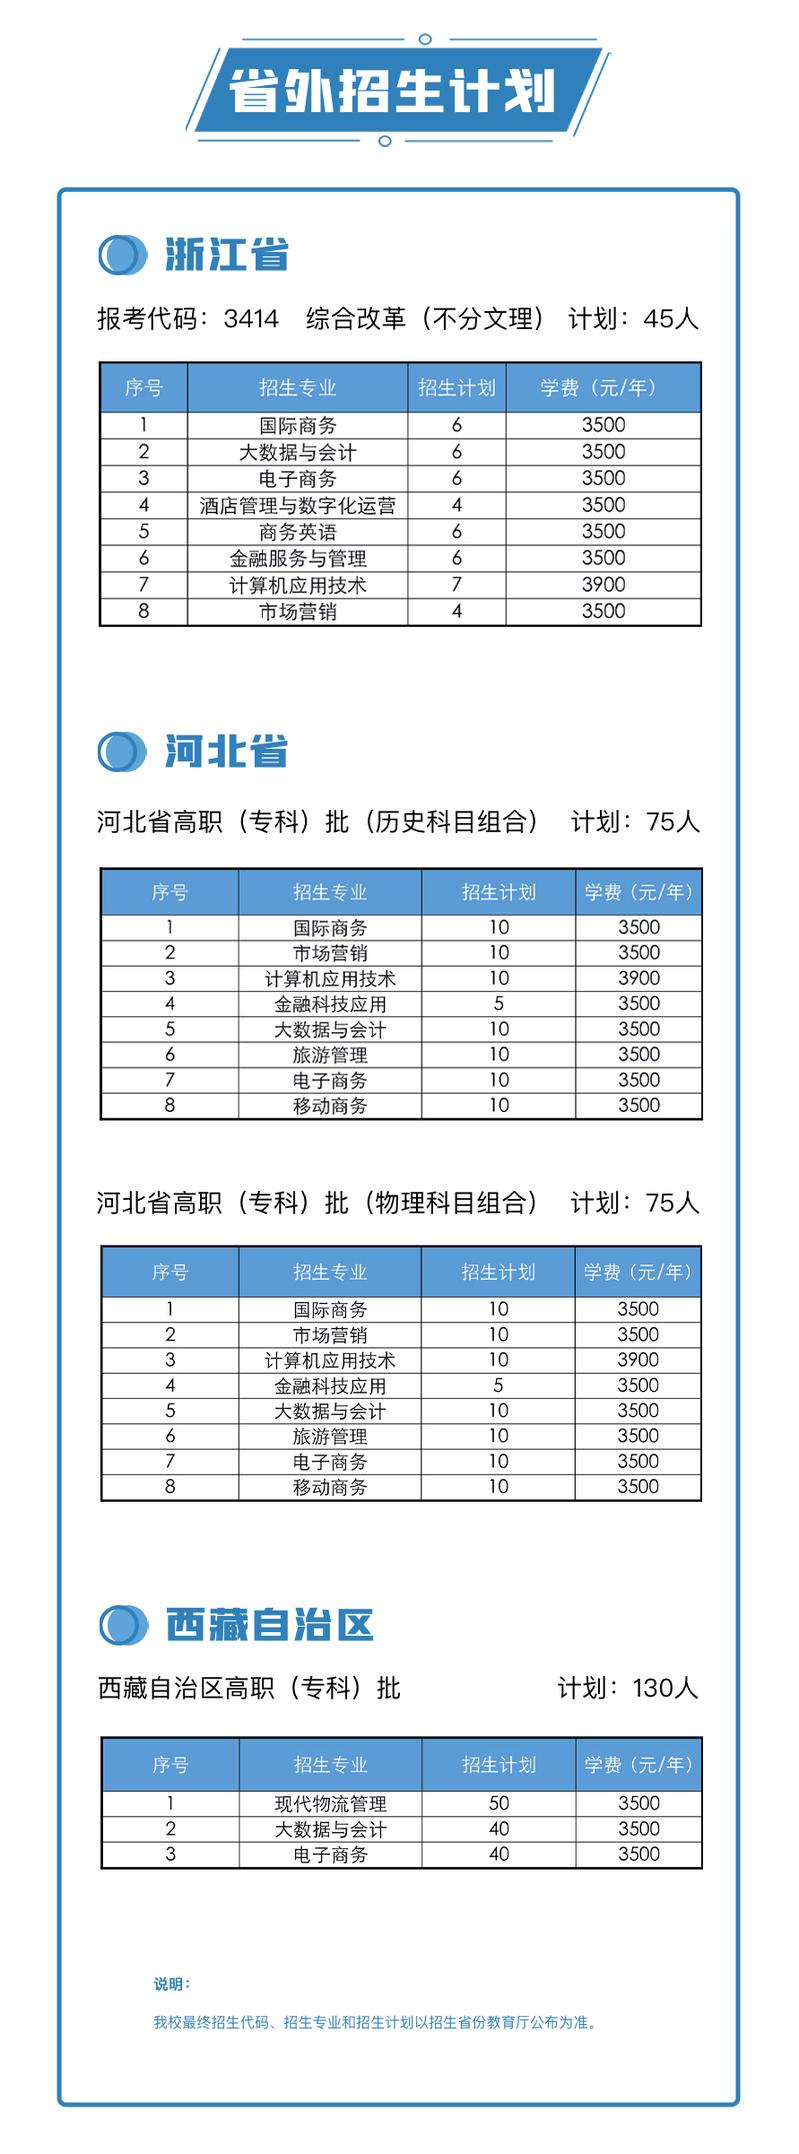 2021安徽国际商务职业学院招生计划-各专业招生人数是多少